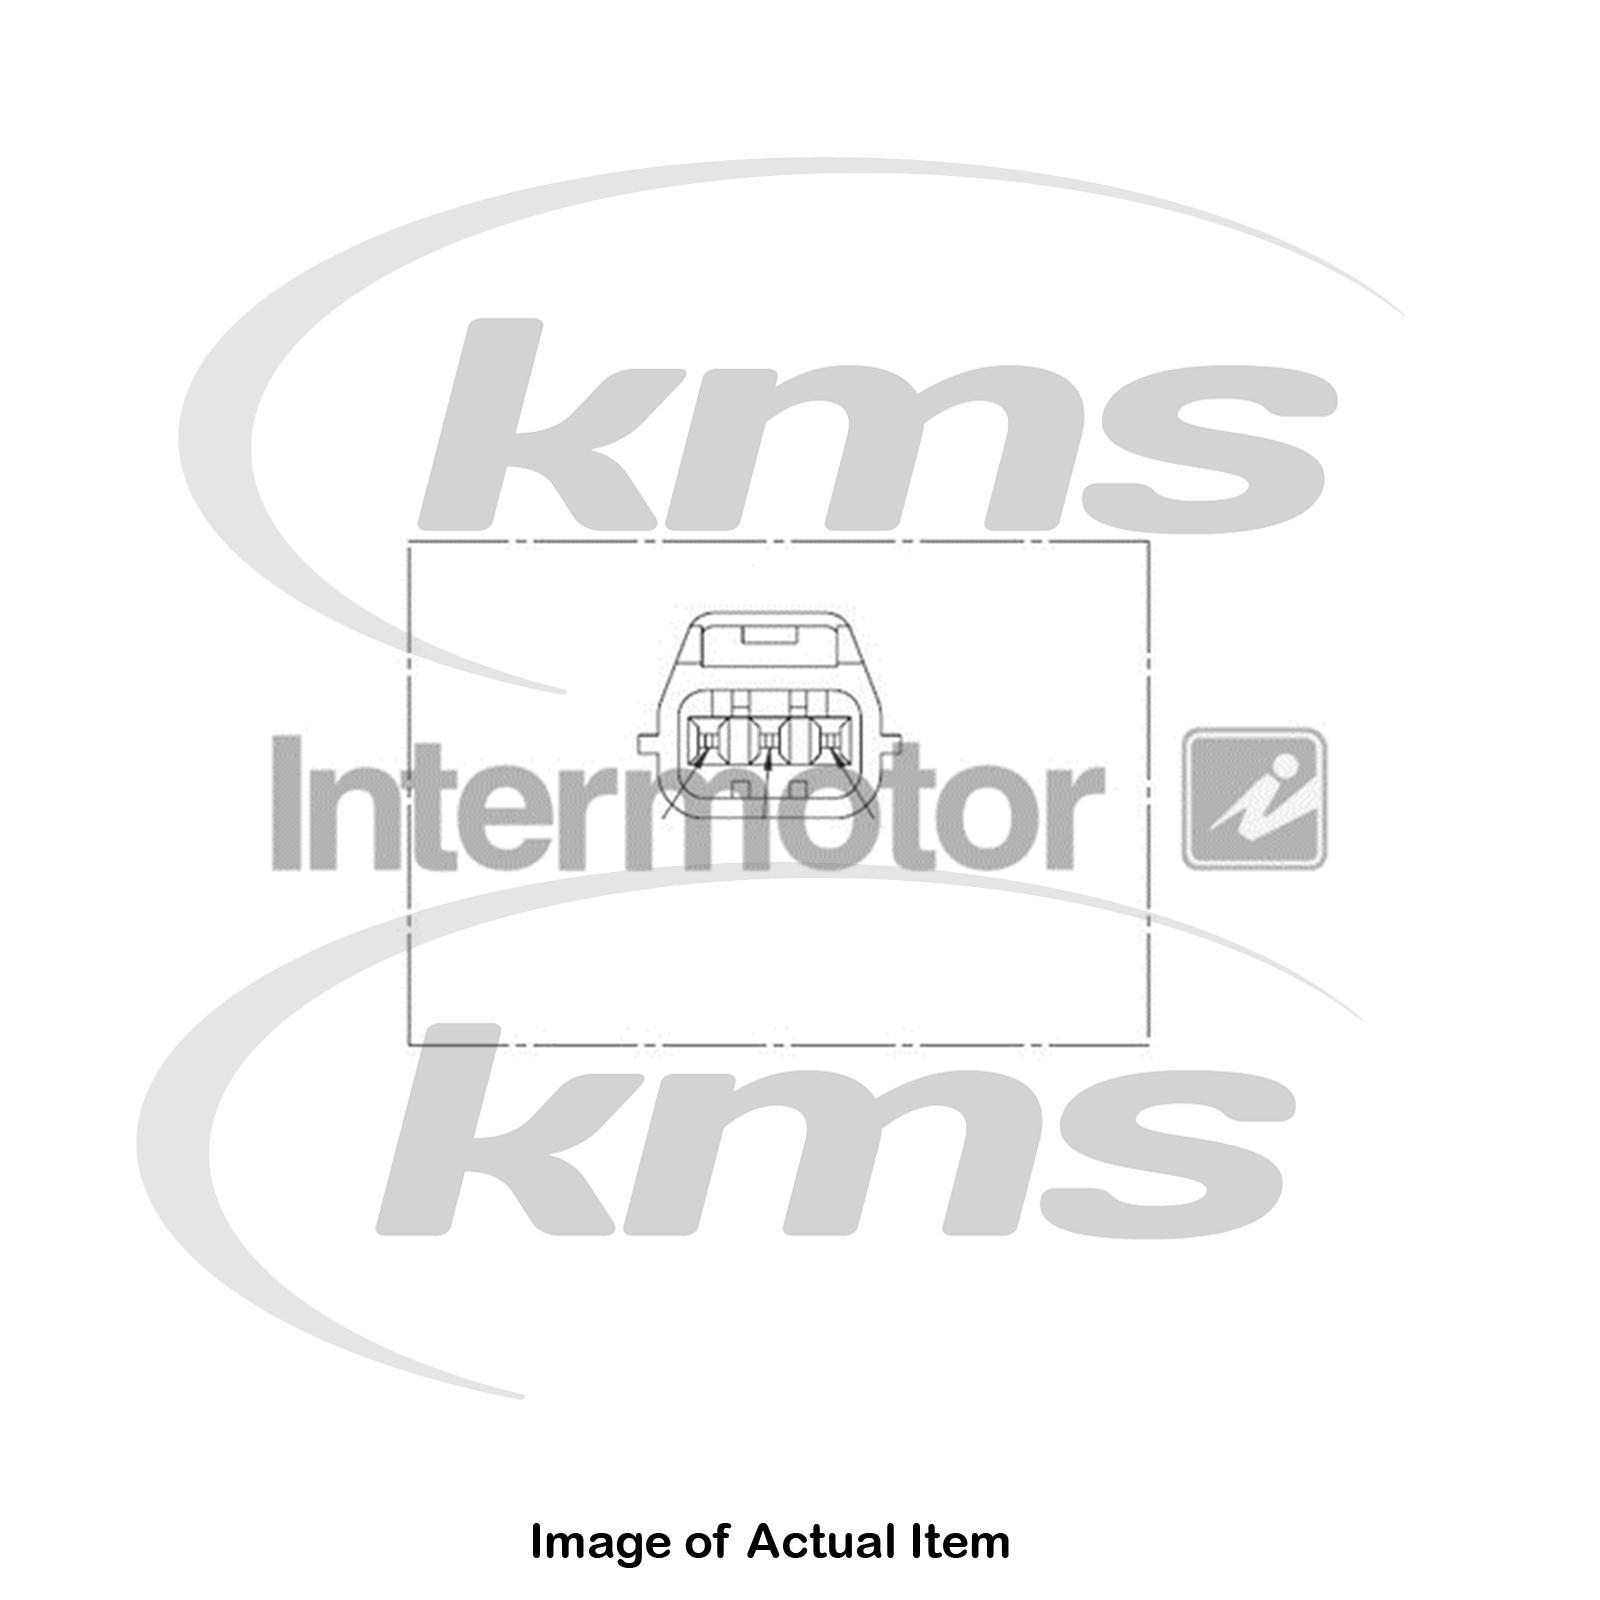 Camshaft Sensor Cam Position Intake Side Genuine Intermotor 19140